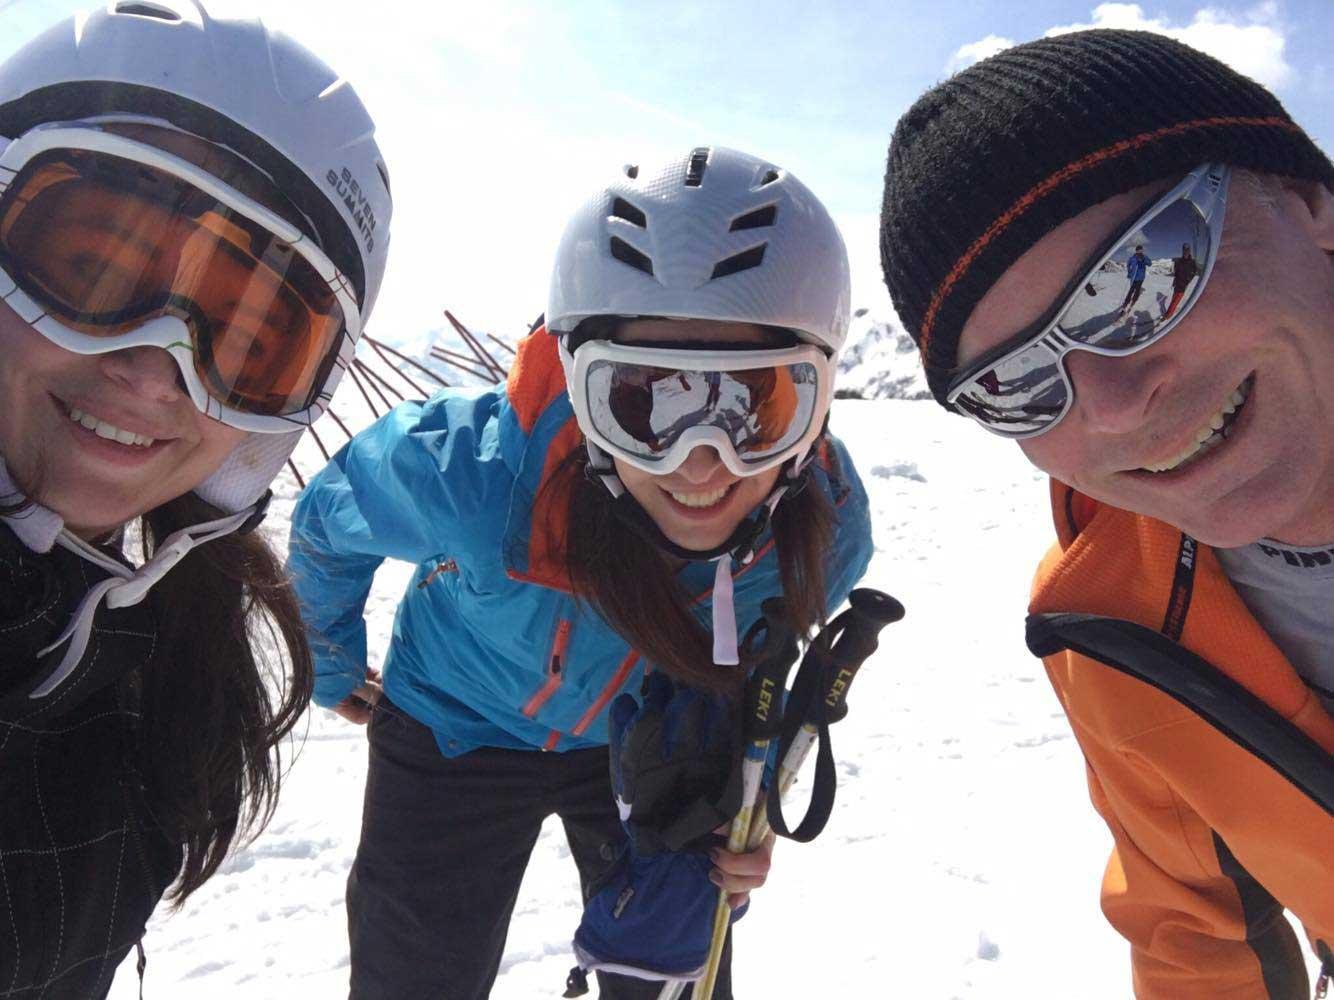 Kober-Skiwochenende 2017 auf der Planneralm.